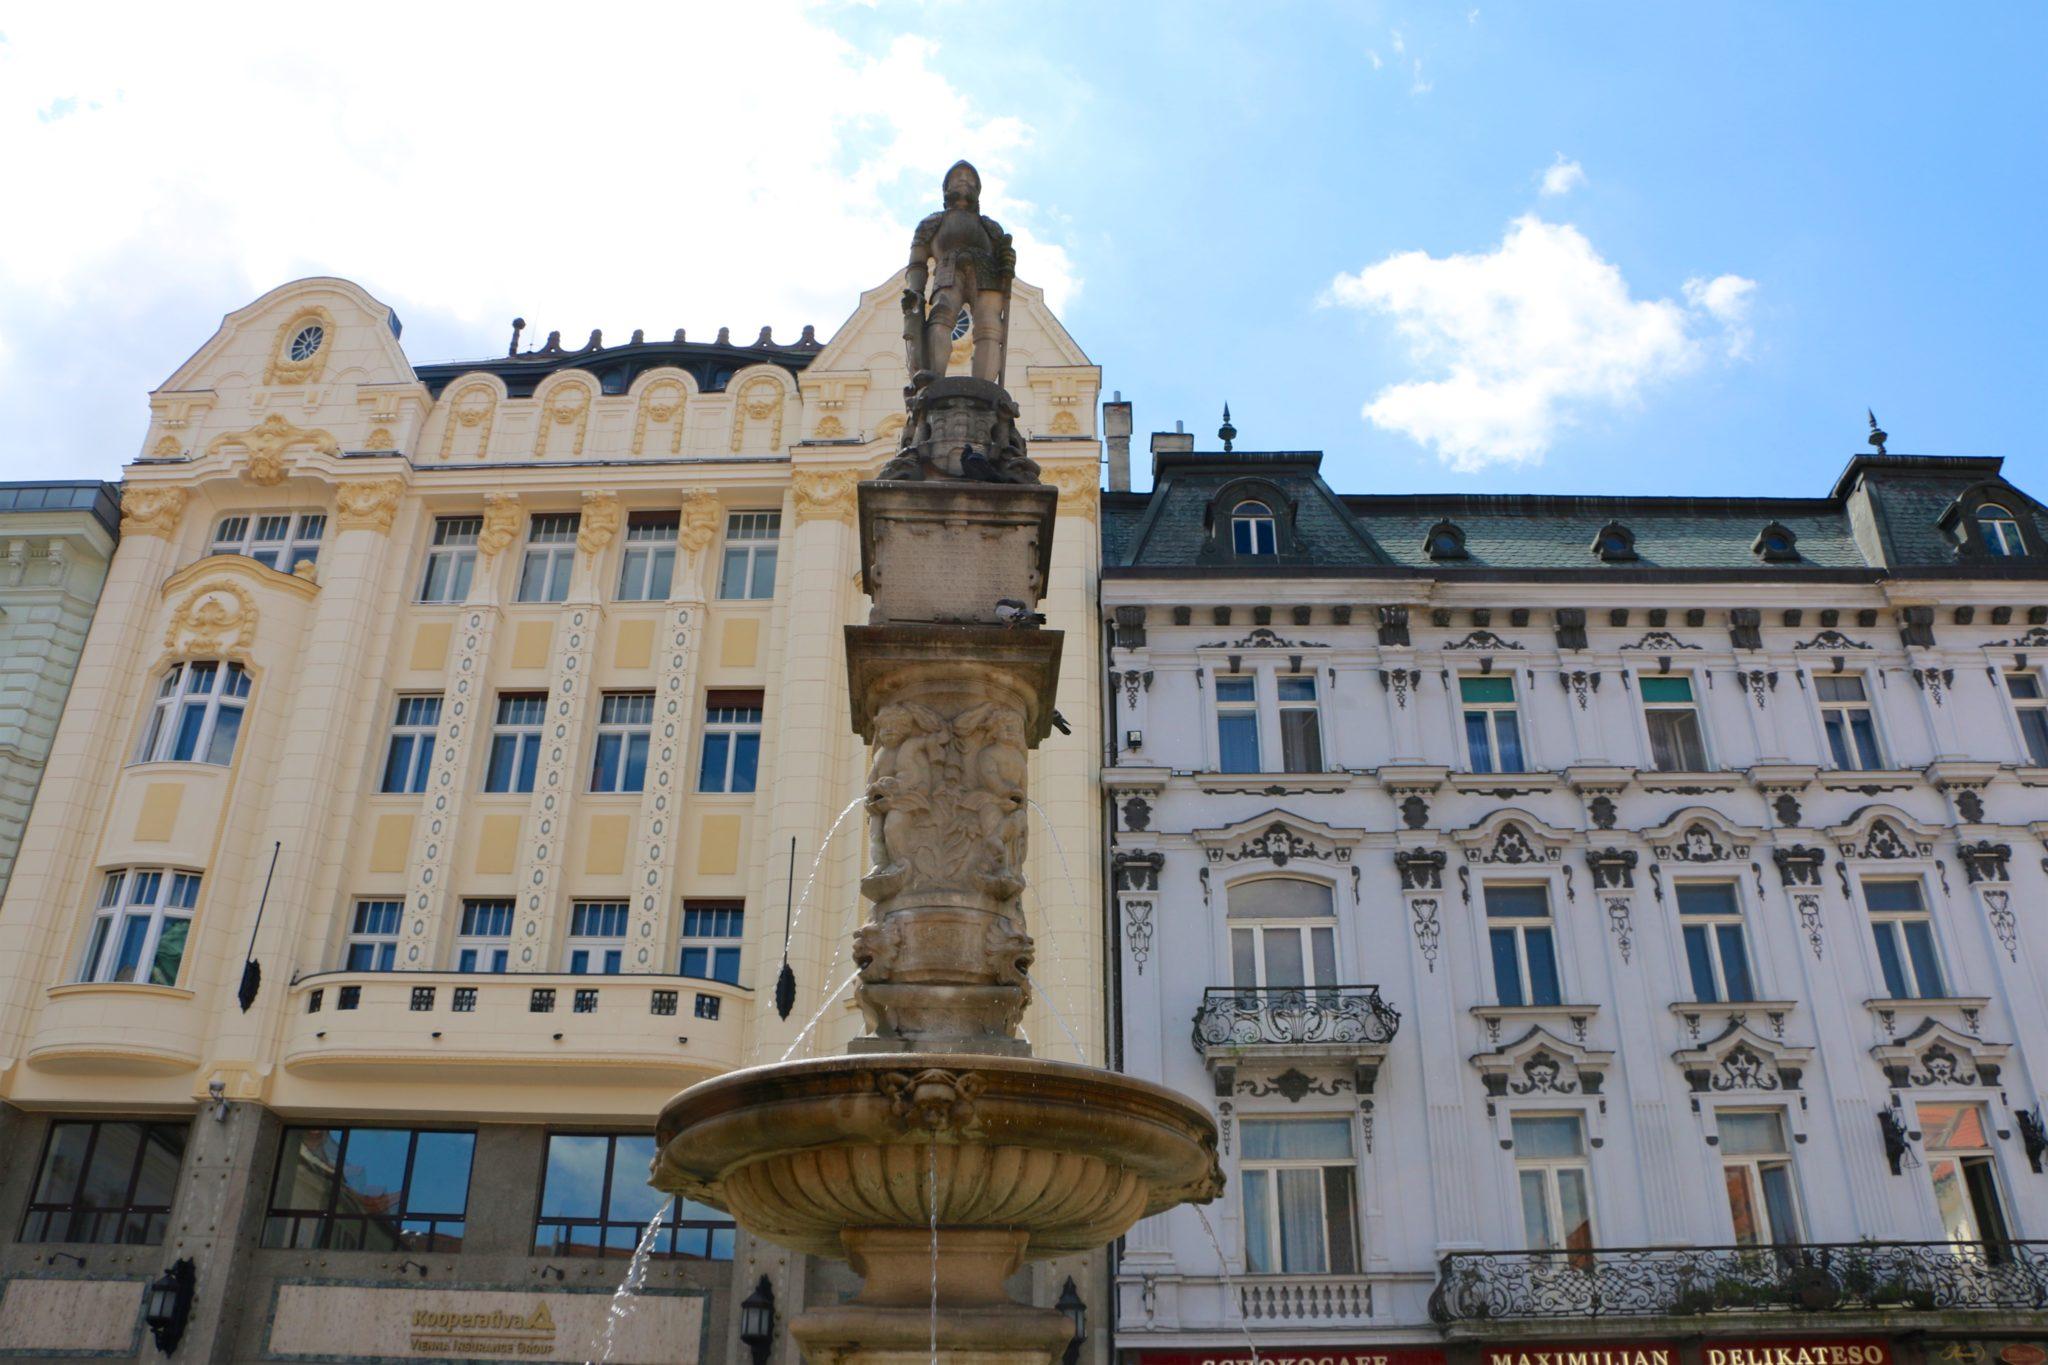 Hlavné námestie│Main Square, Bratislava